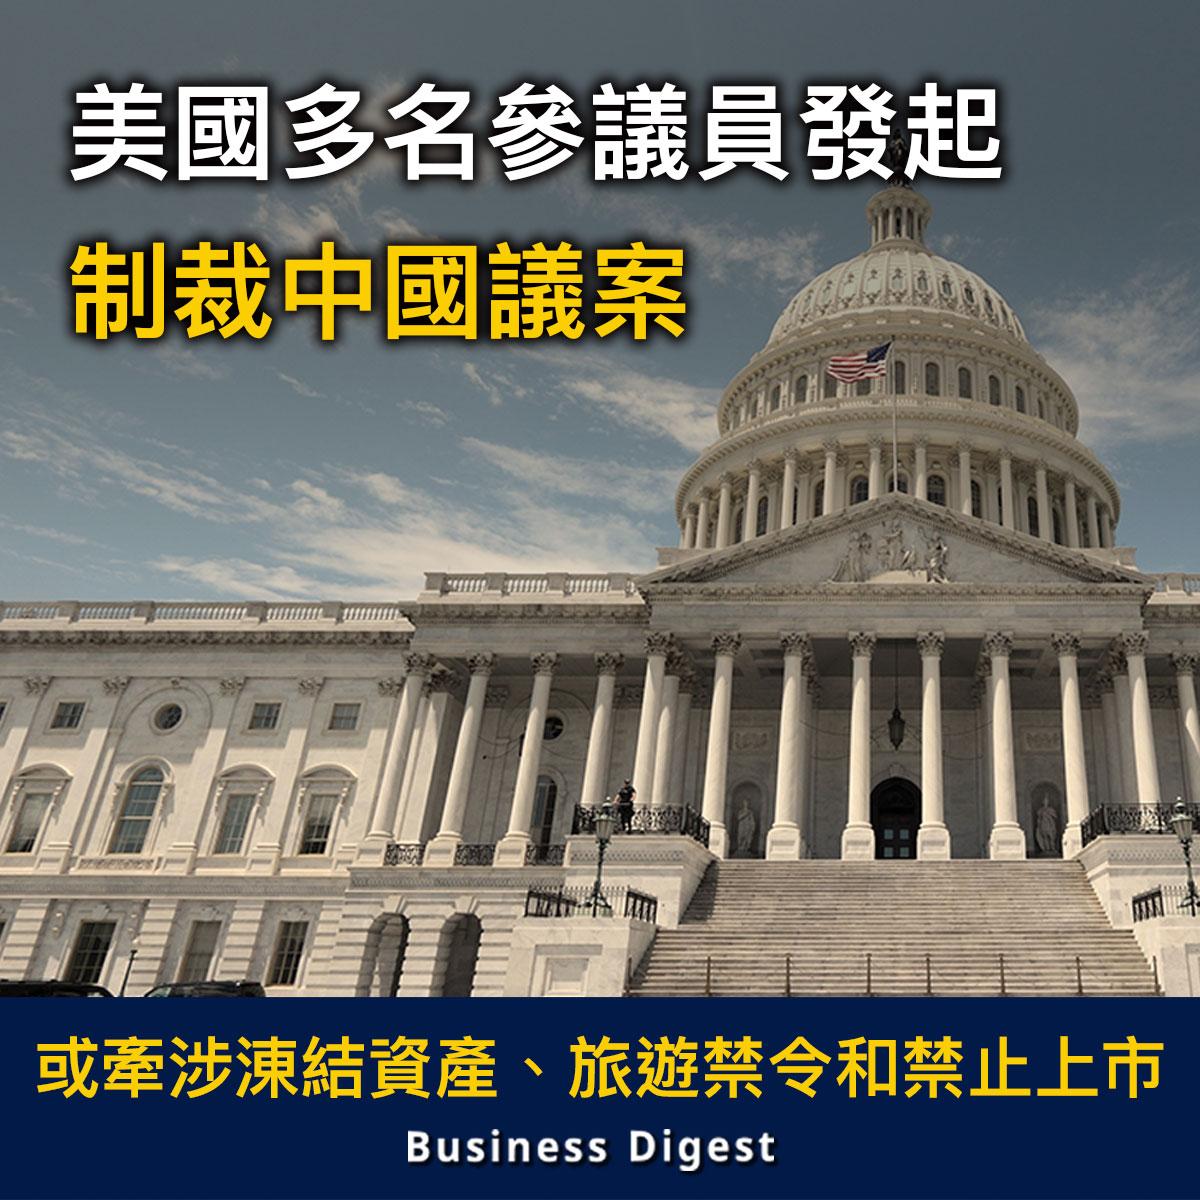 【商業熱話】美國參議員發起制裁中國議案